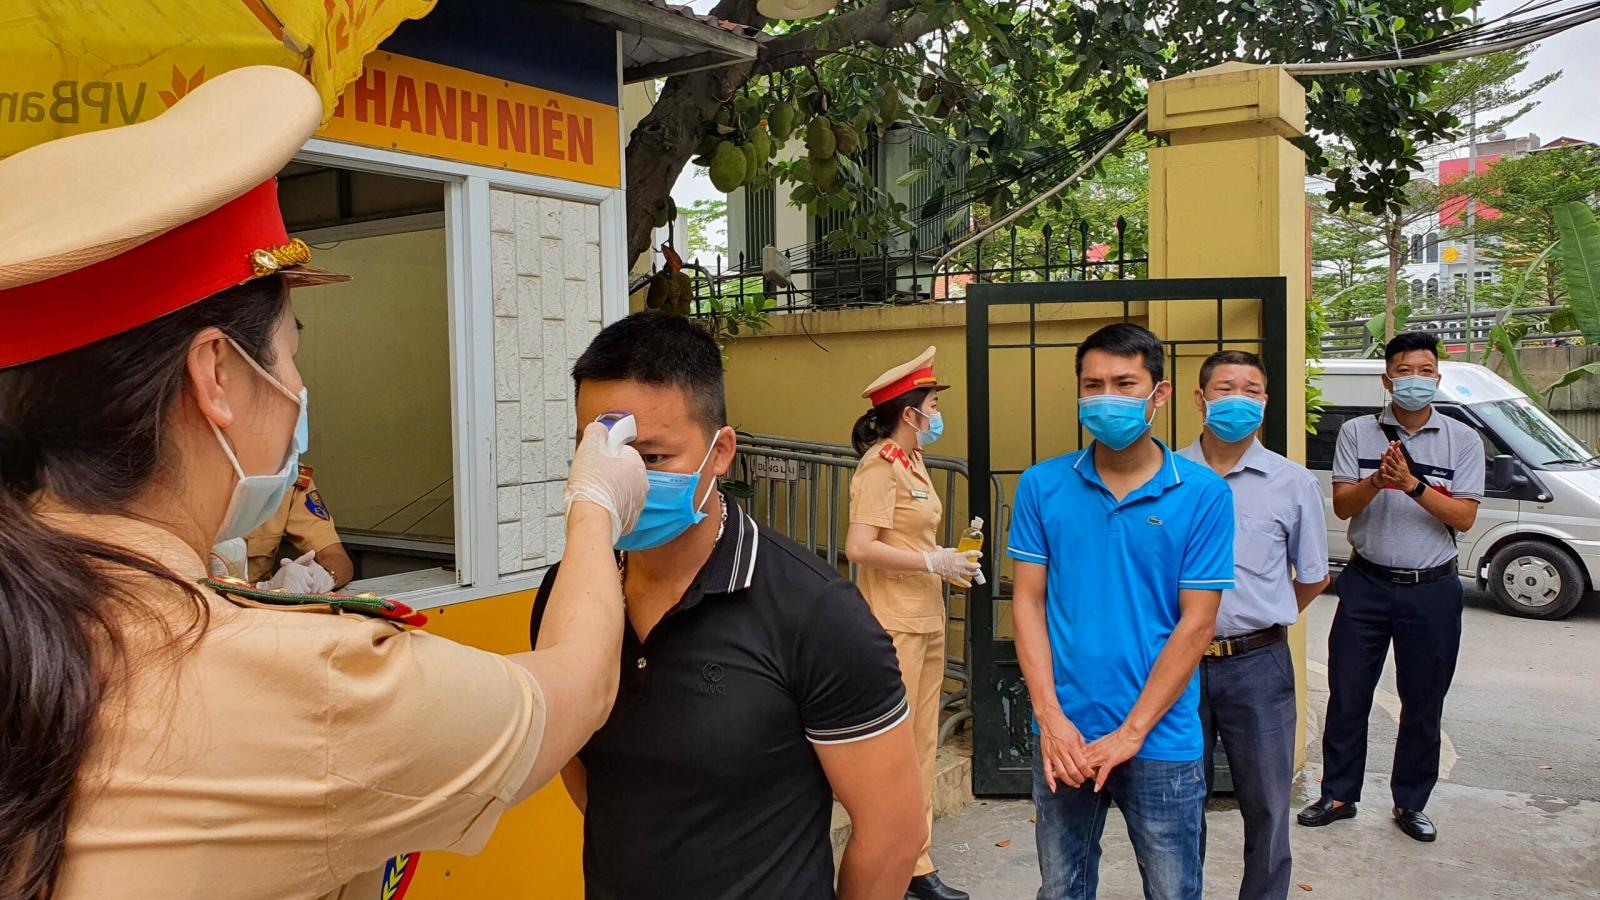 CSGT toàn quốc nỗ lực bảo đảm an toàn bầu cử, tăng cường phòng chống dịch Covid-19